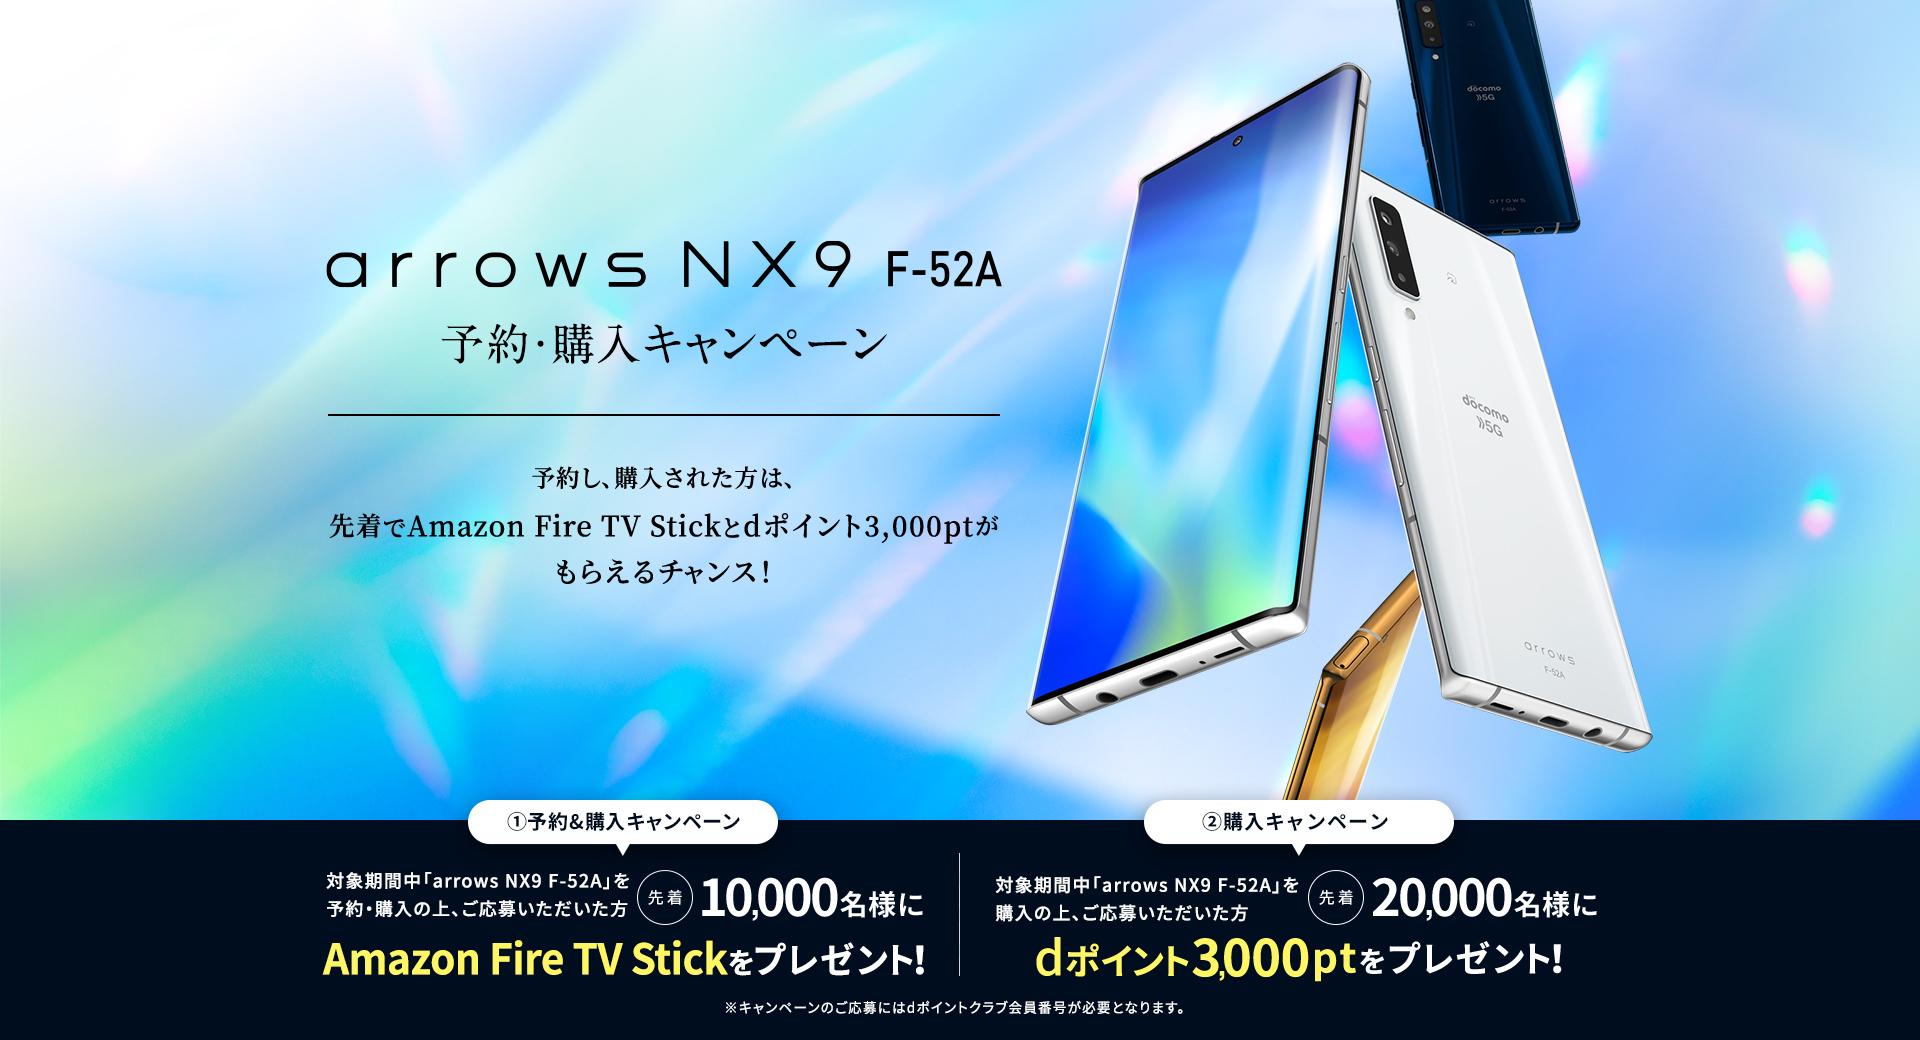 ドコモで富士通 arrows NX9 F-52Aを買うと先着1万名に「Amazon Fire TV Stick」と3000dポイントがもらえる。11/5~。